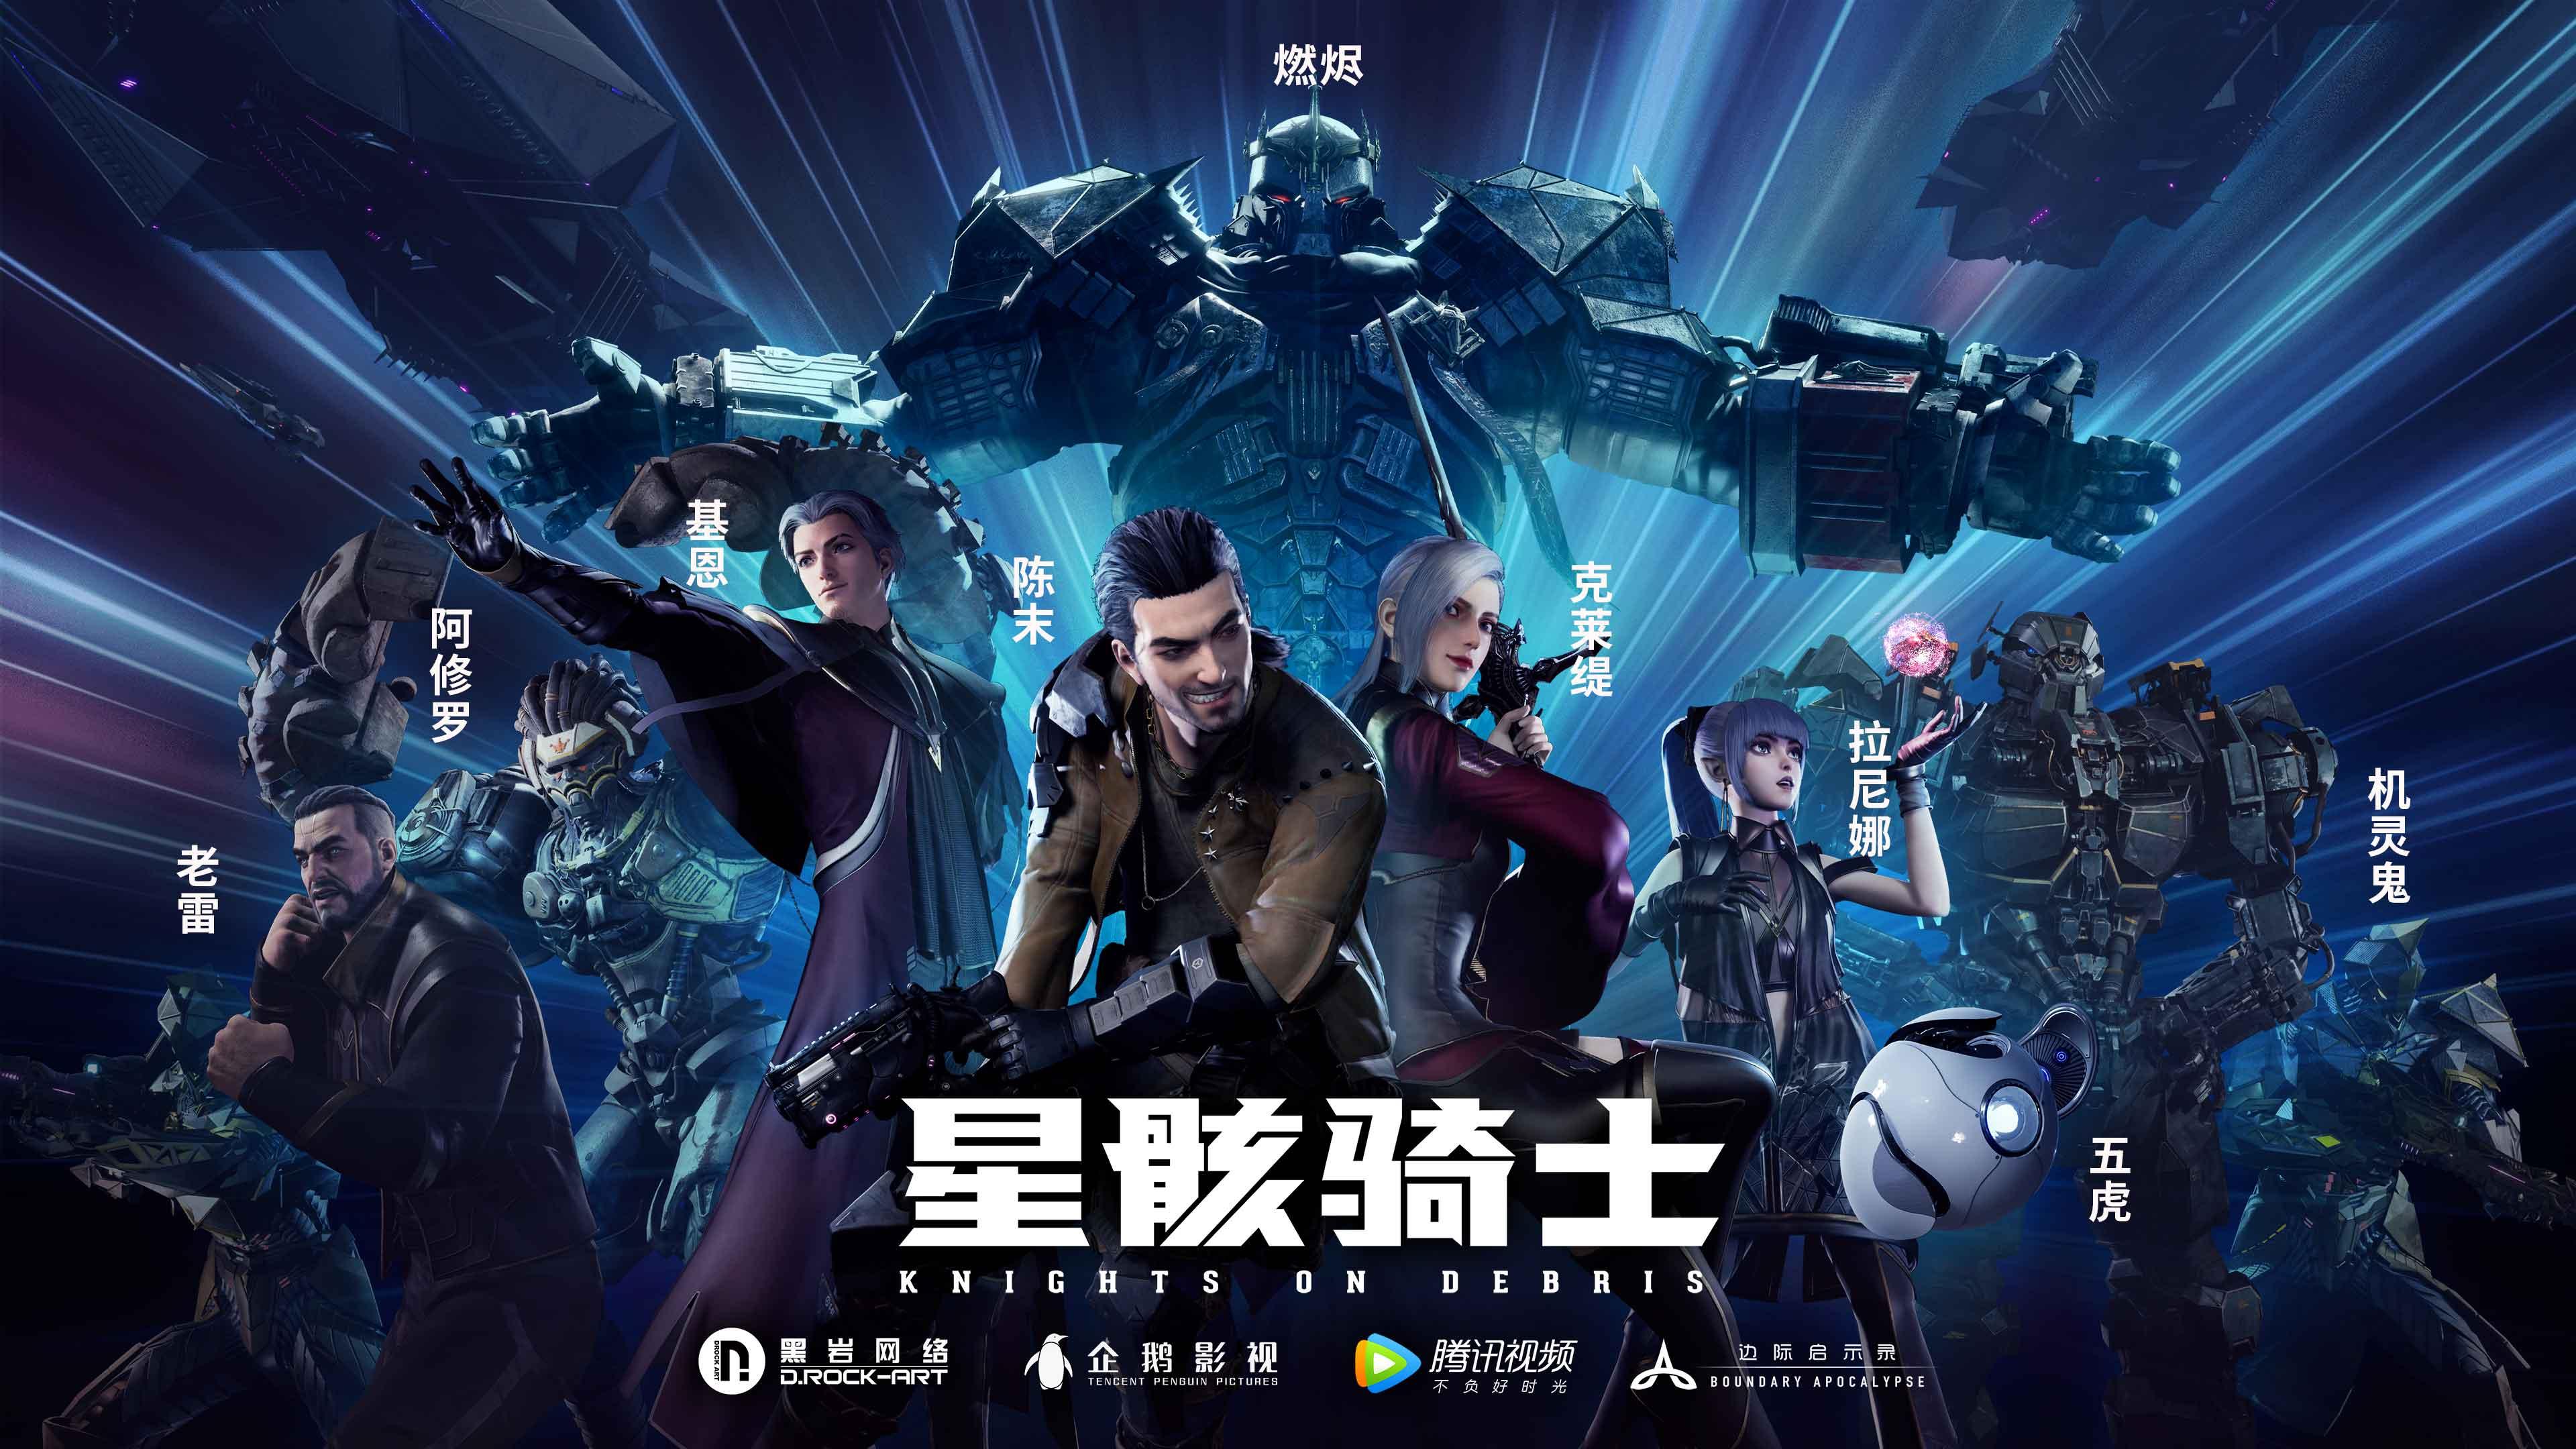 我们是尘埃 也是英雄丨CG科幻动画《星骸骑士》热血骑士,星际启航!